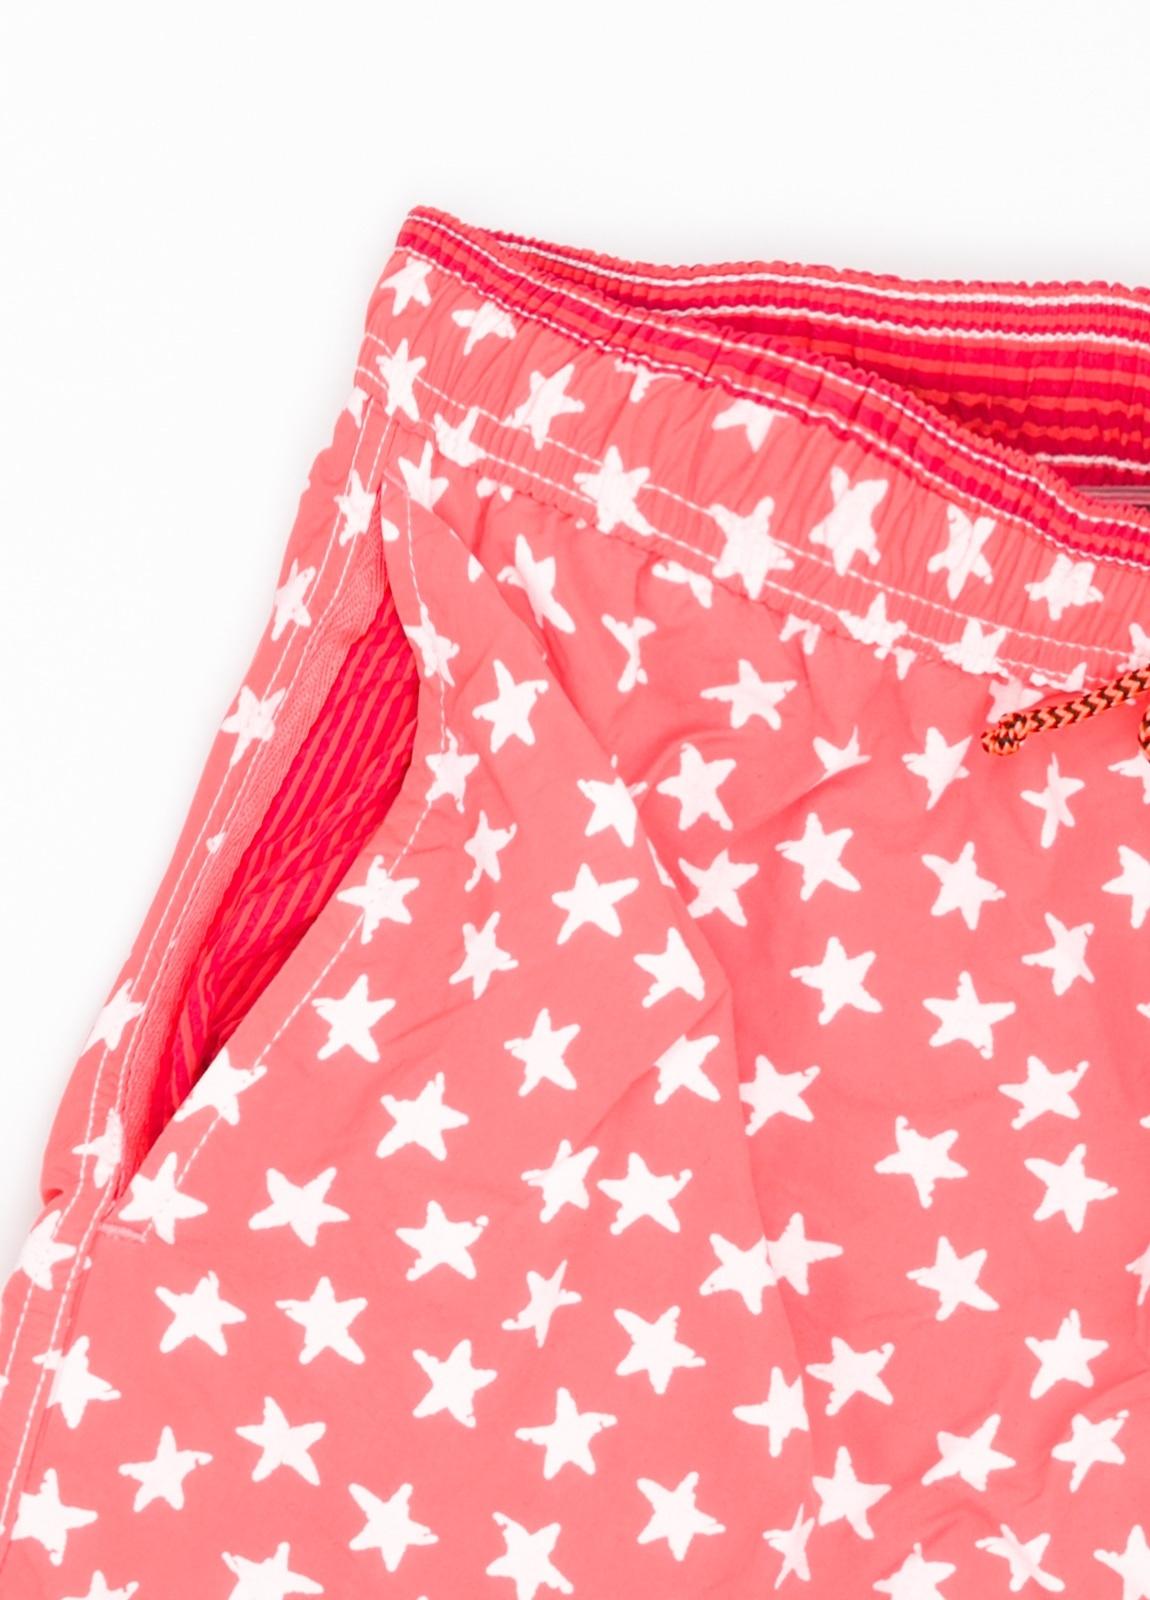 Bañador con estampado de estrellas color rojo. - Ítem1